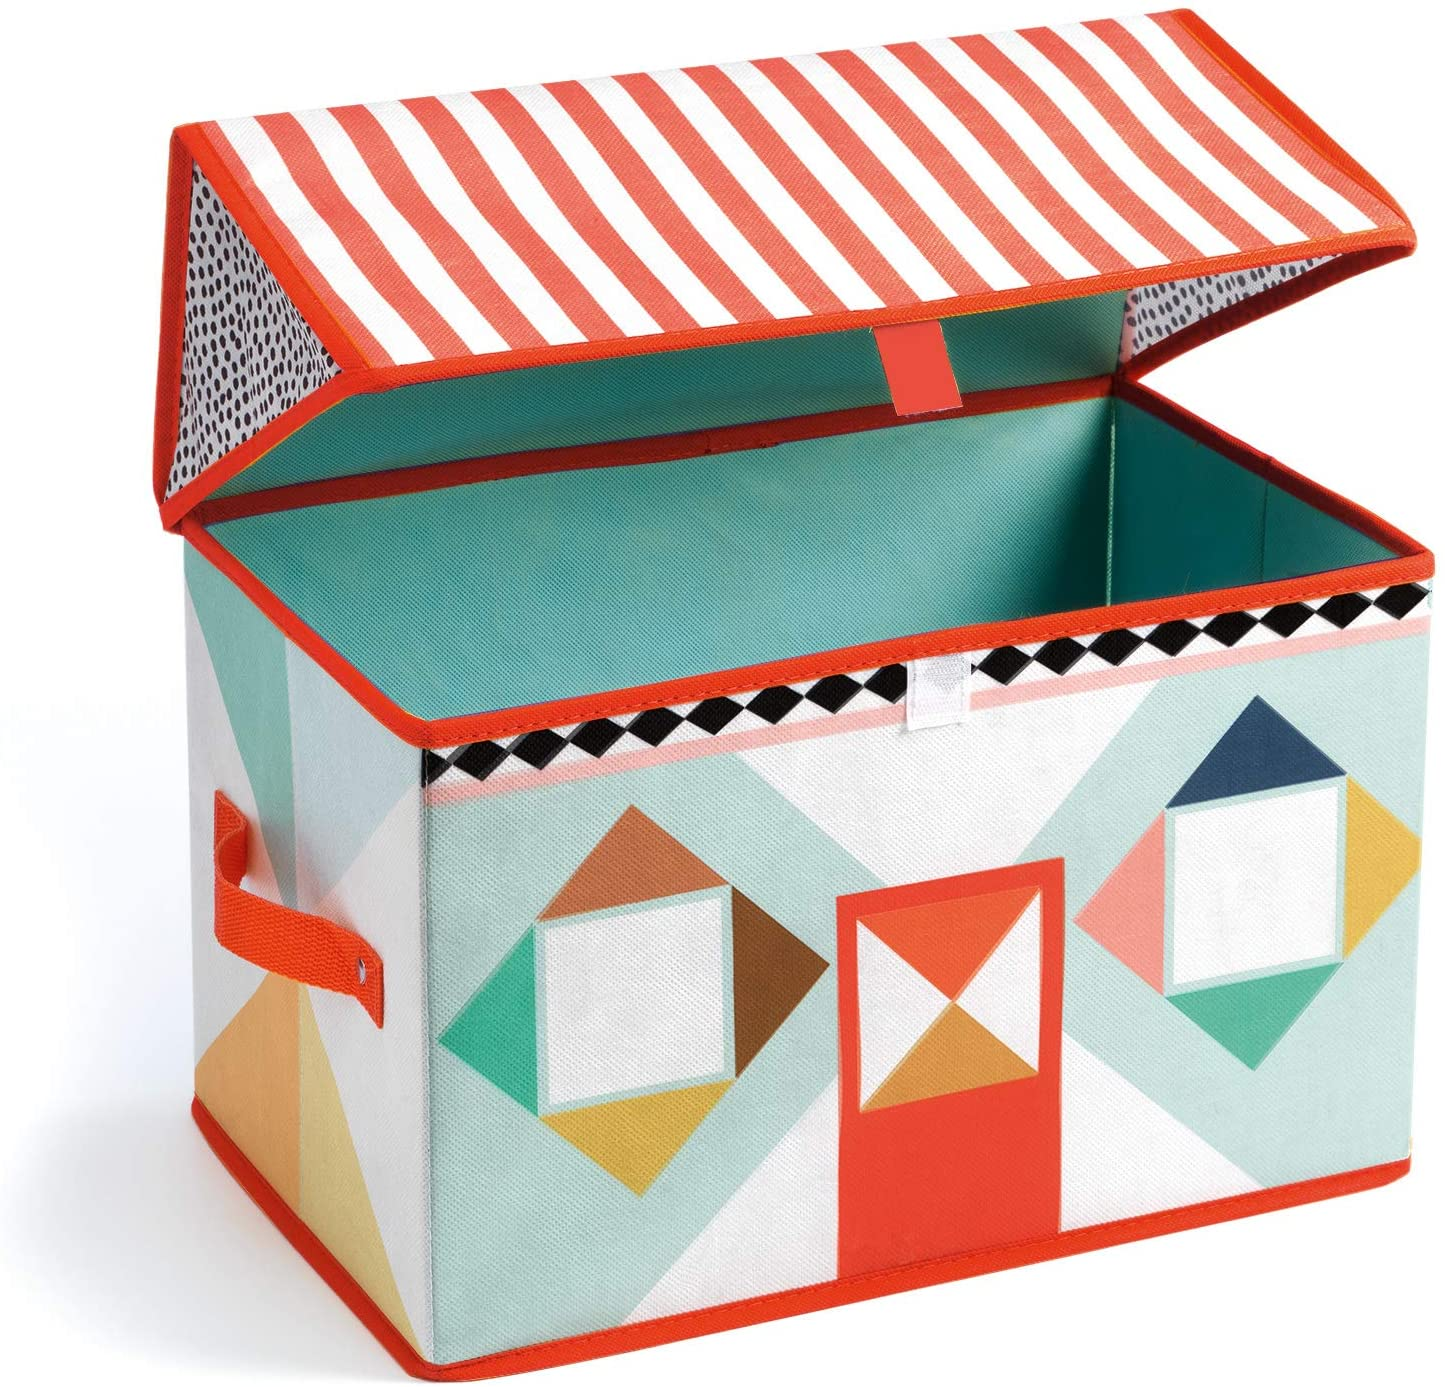 Caixa de Organização Casinha - Djeco